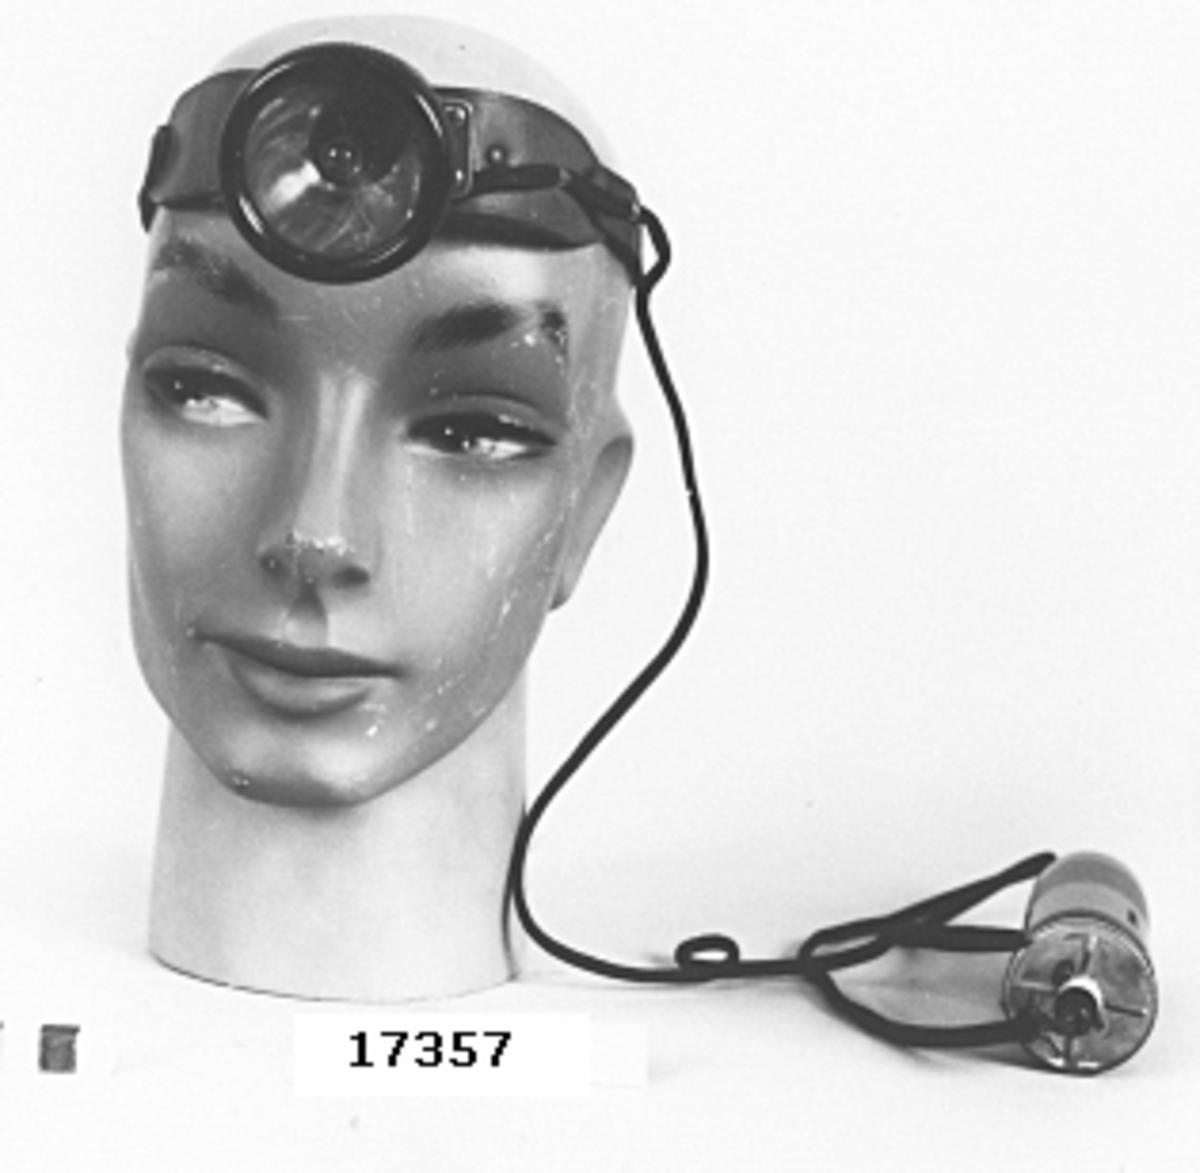 """Pannlampa bestående av justerbar läderrem (B= 20 mm) avsedd att fästas runt huvudet. I pannan sitter en lampa med hölje av rödmamorerad bakelit försedd med liten glödlampa, typ till ficklampa. Från lampan utgår en klädd ledning till en batterihylsa, också av rödmamorerad bakelit (D= 38 mm, L= 133 mm). Märkt: """"Zeiler"""" samt """"made in Germany"""". På insidan av pannbandet vid lampan sitter orange gummi."""